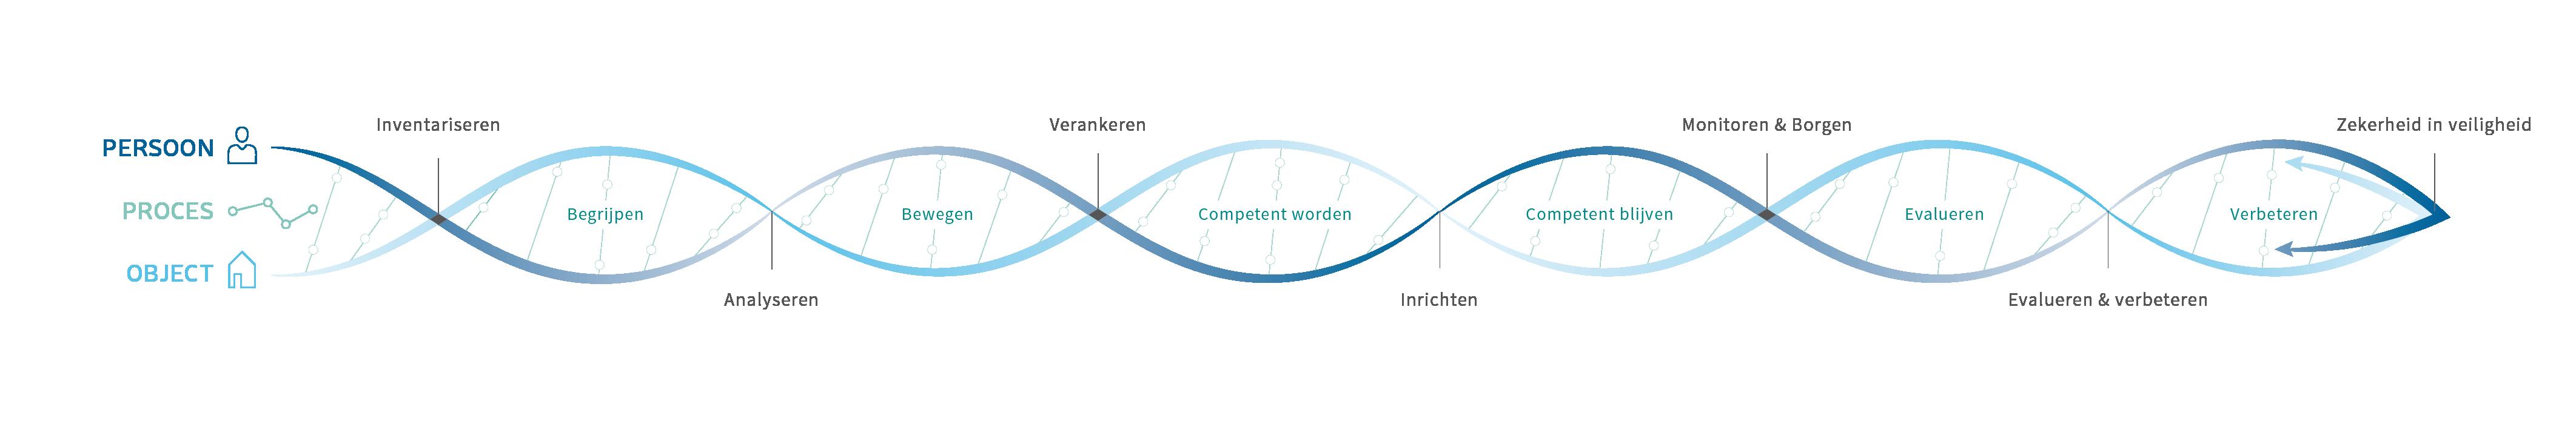 DNA_vlindar-van-inzicht-tot-zekerheid